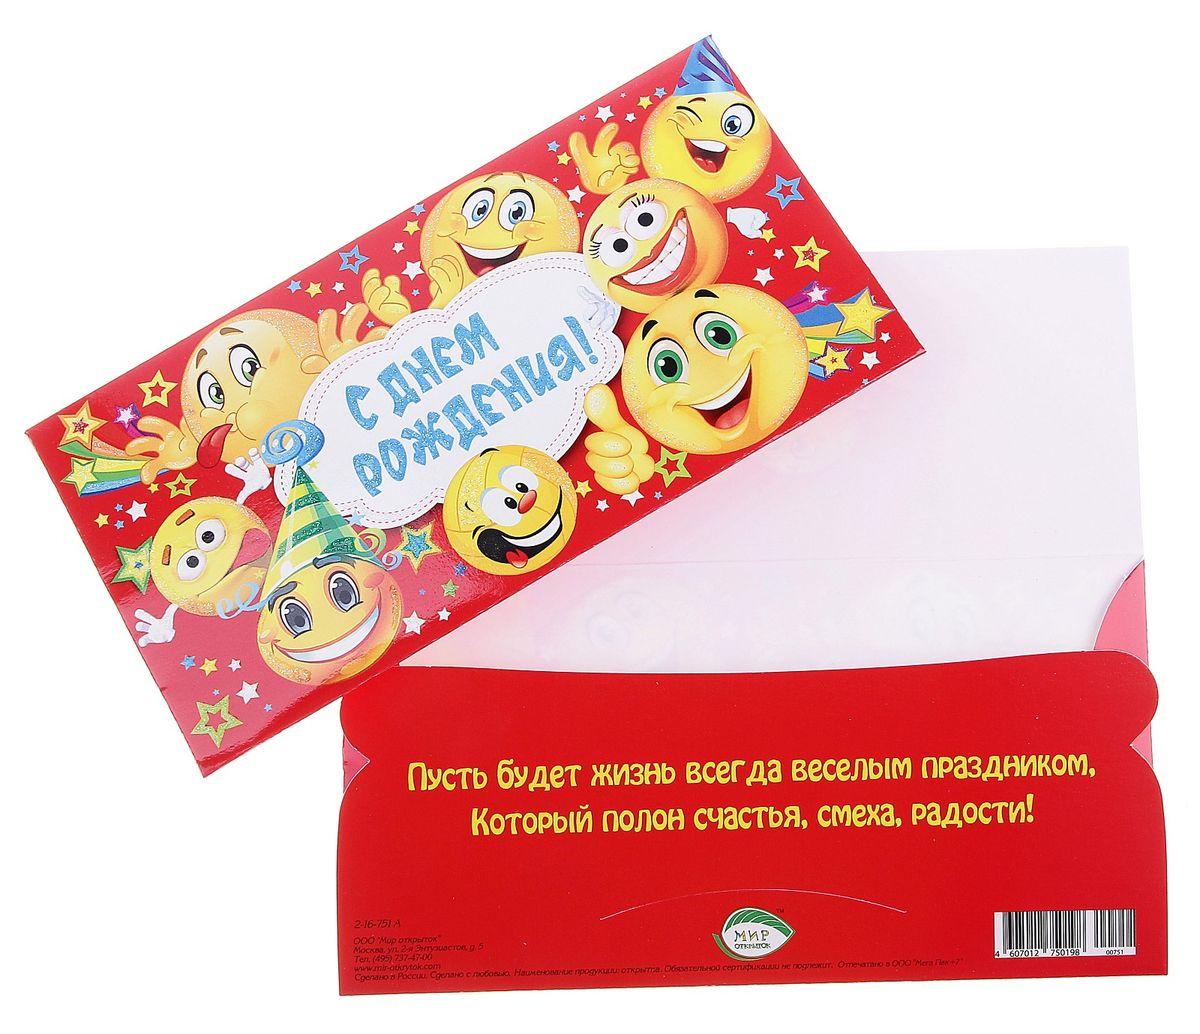 Поздравление в конверте с деньгами на день рождения